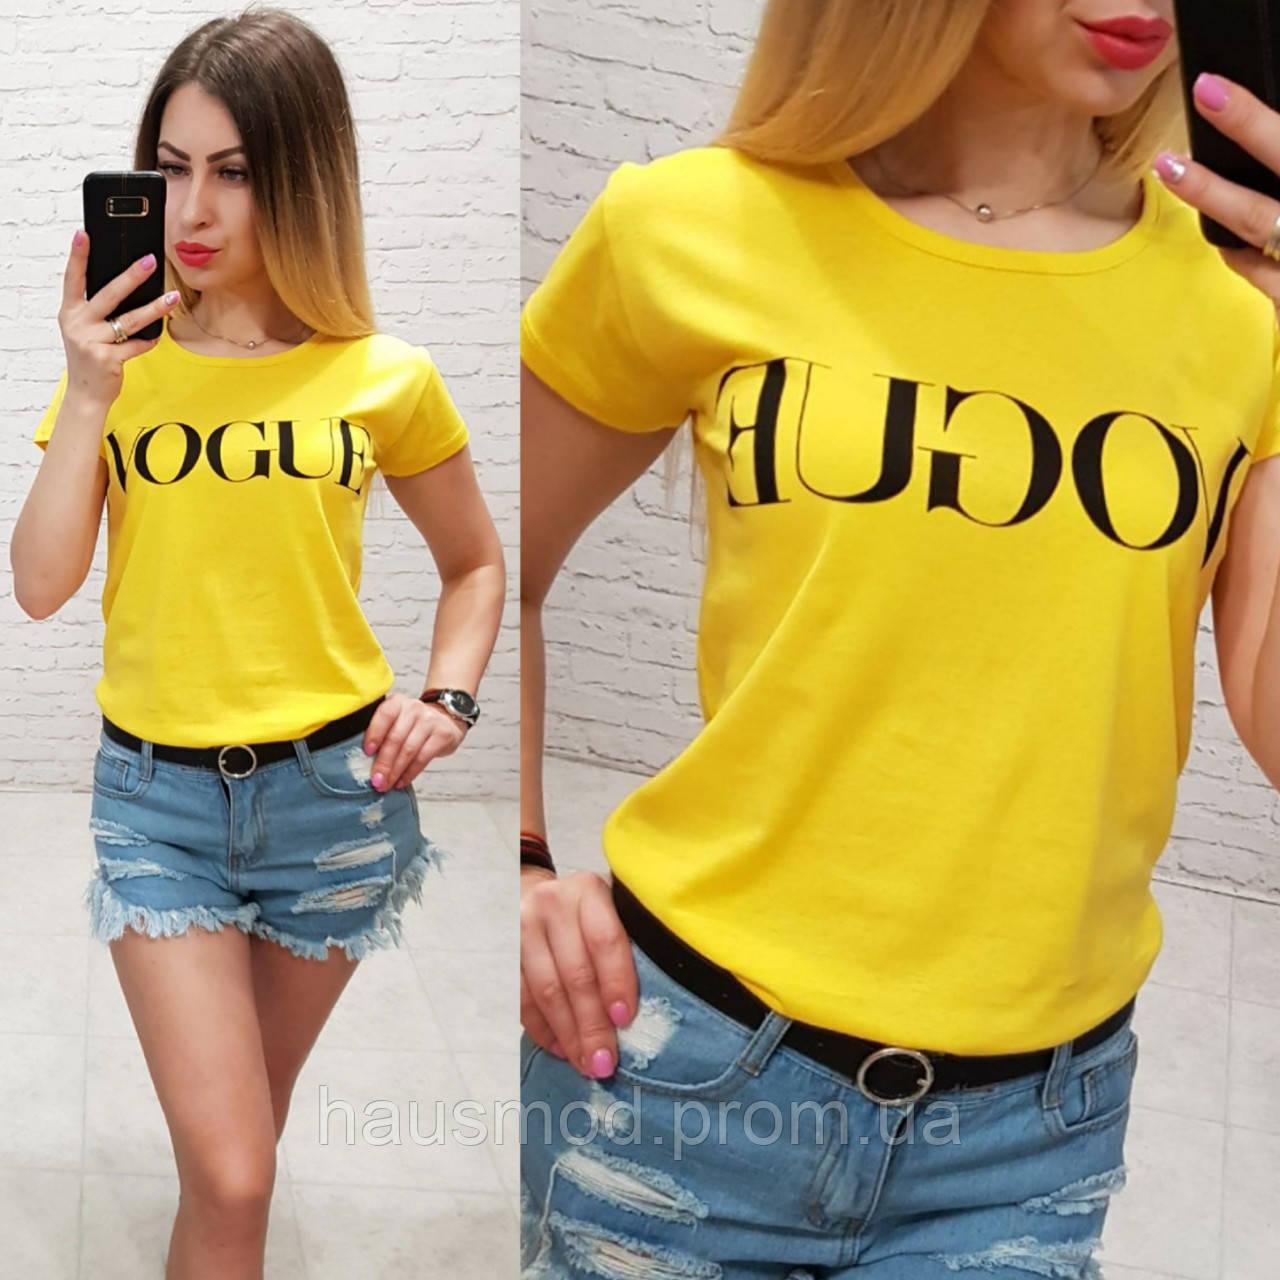 Женская футболка летняя качество реплика копия Vogue турция 100% катон цвет желтый